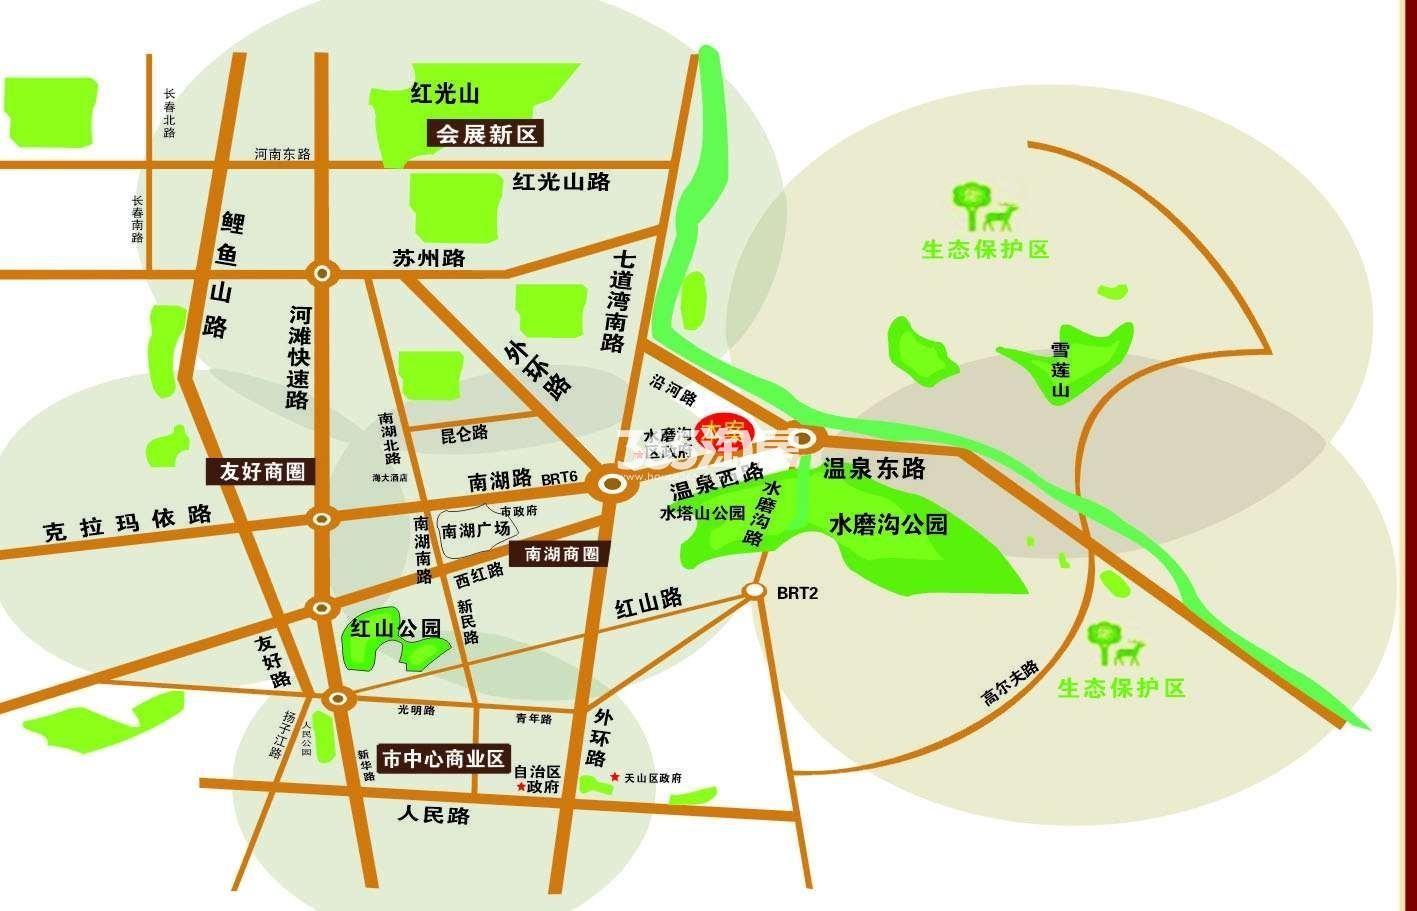 龙悦盛庭交通图